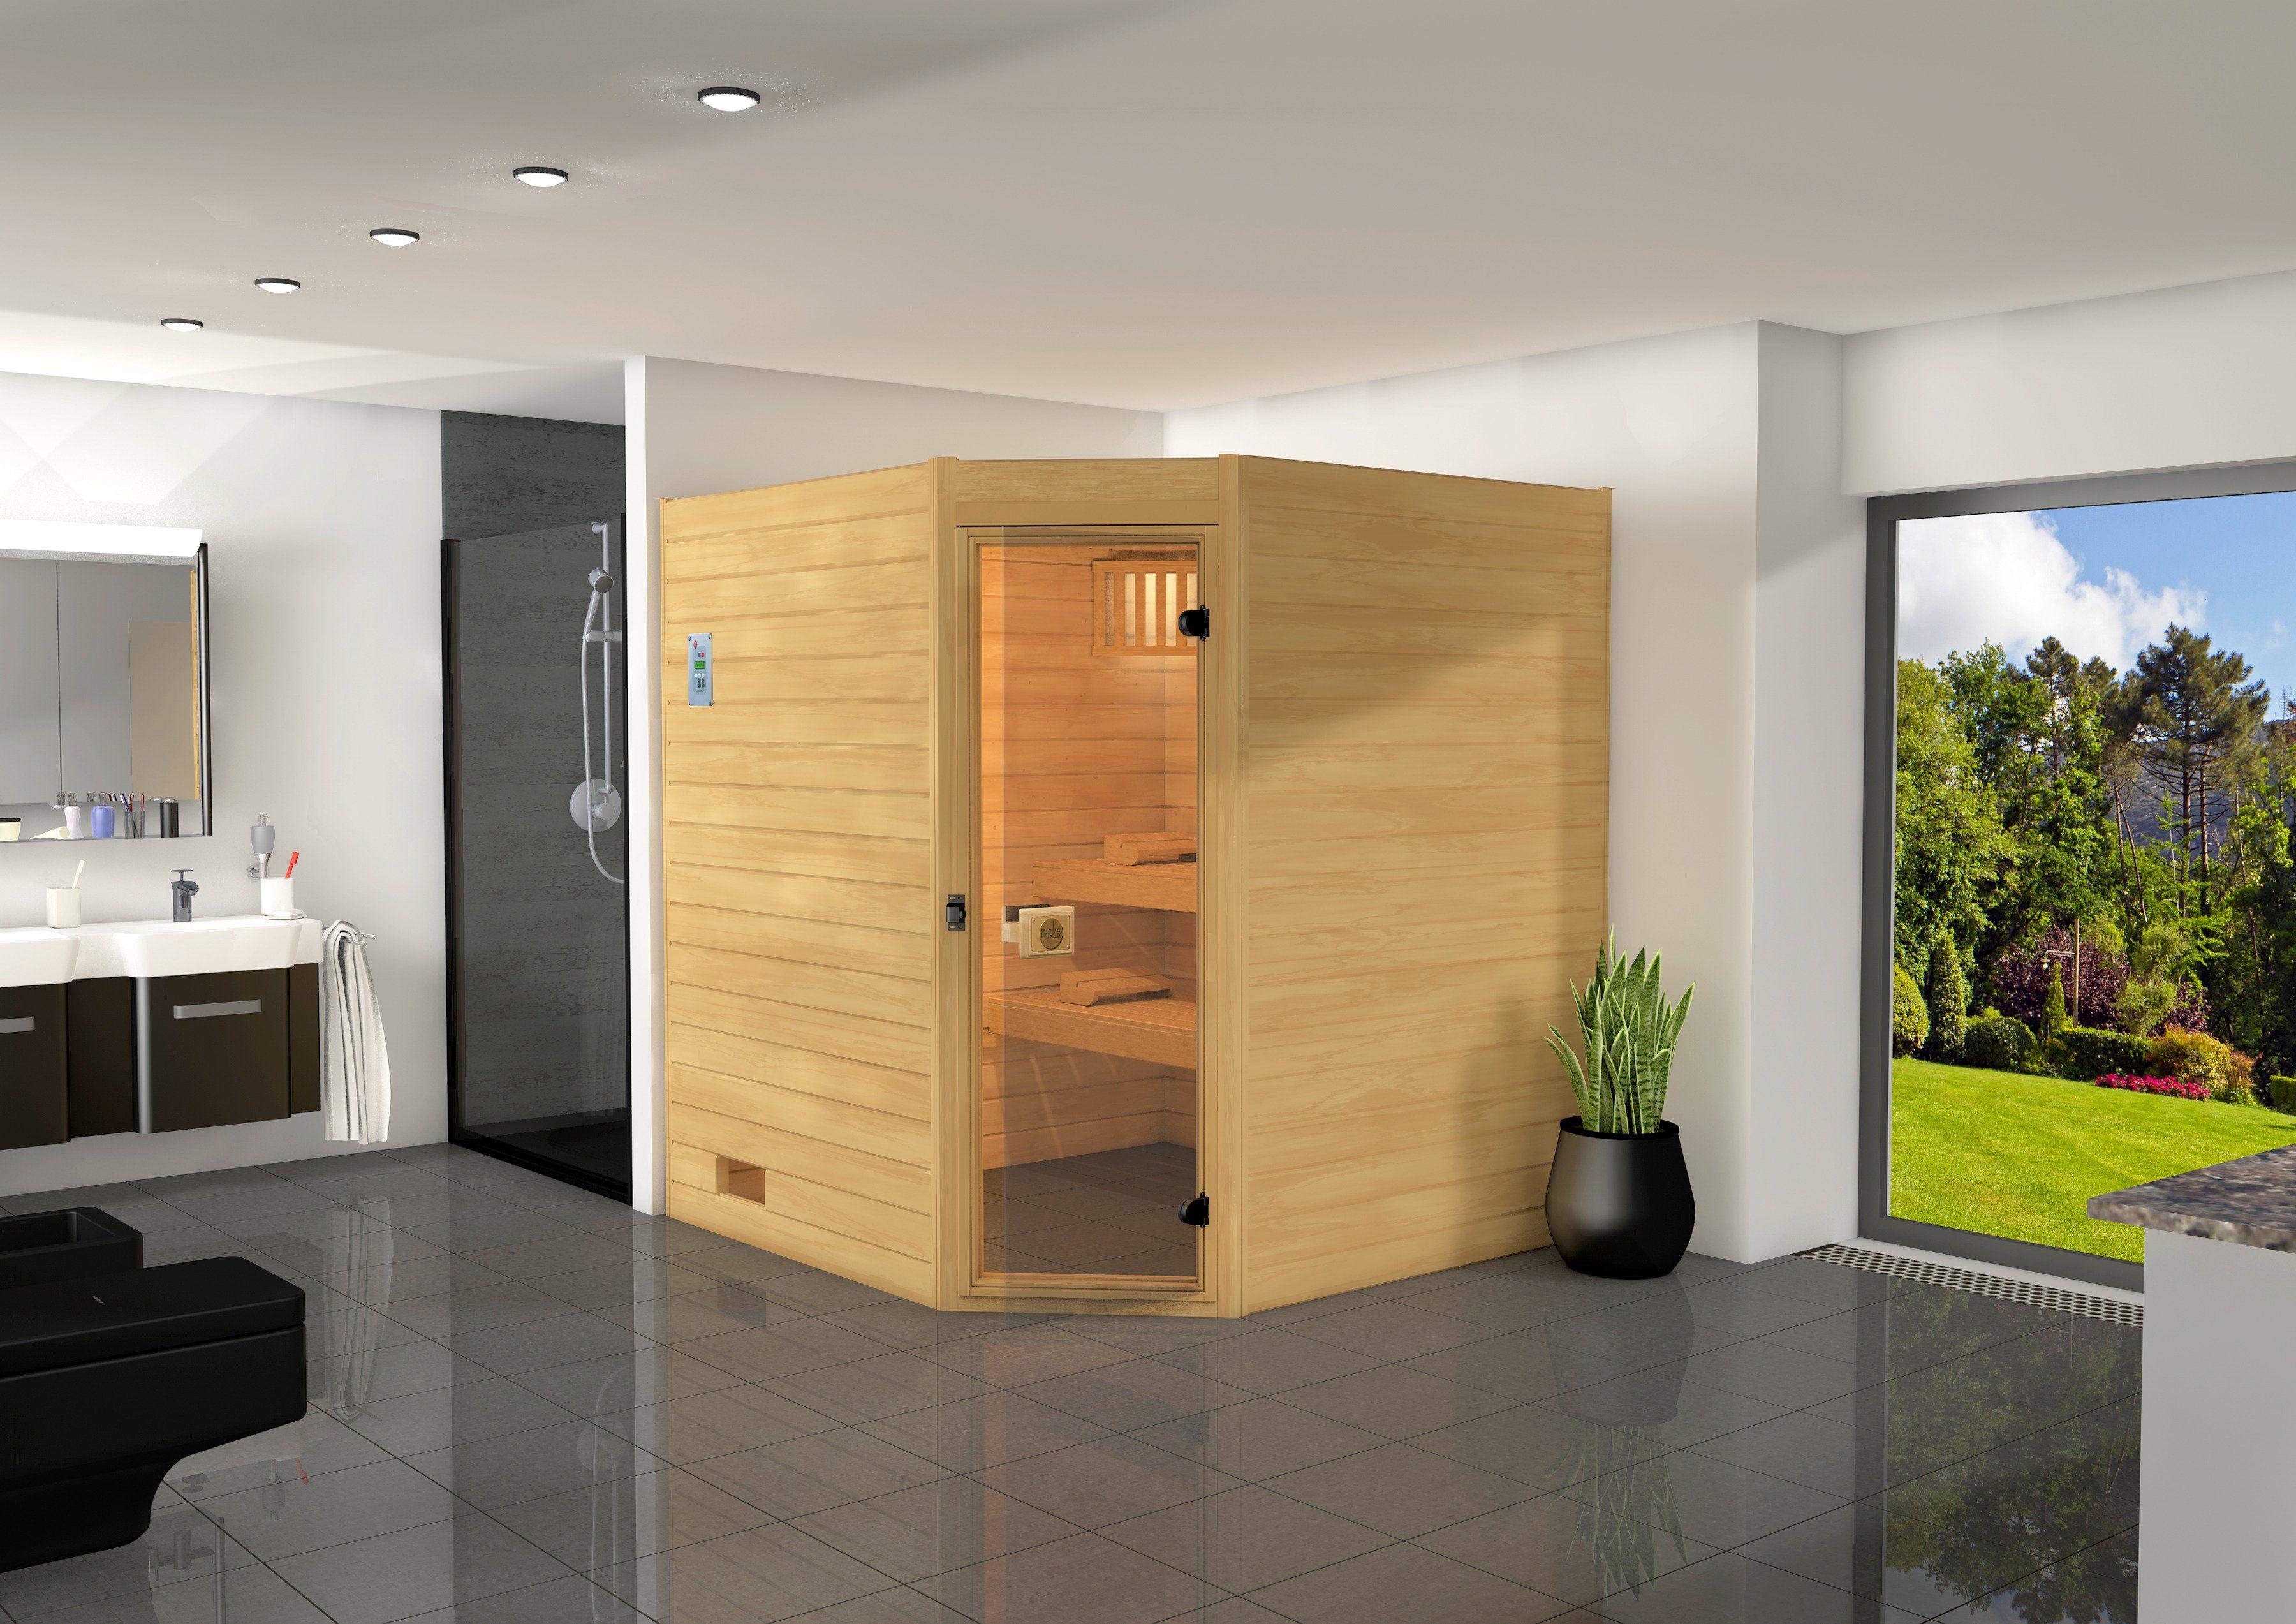 Sauna »Vaasa 2«, 187/170/203,5 cm, 8-KW-Ofen mit int. Steuerung